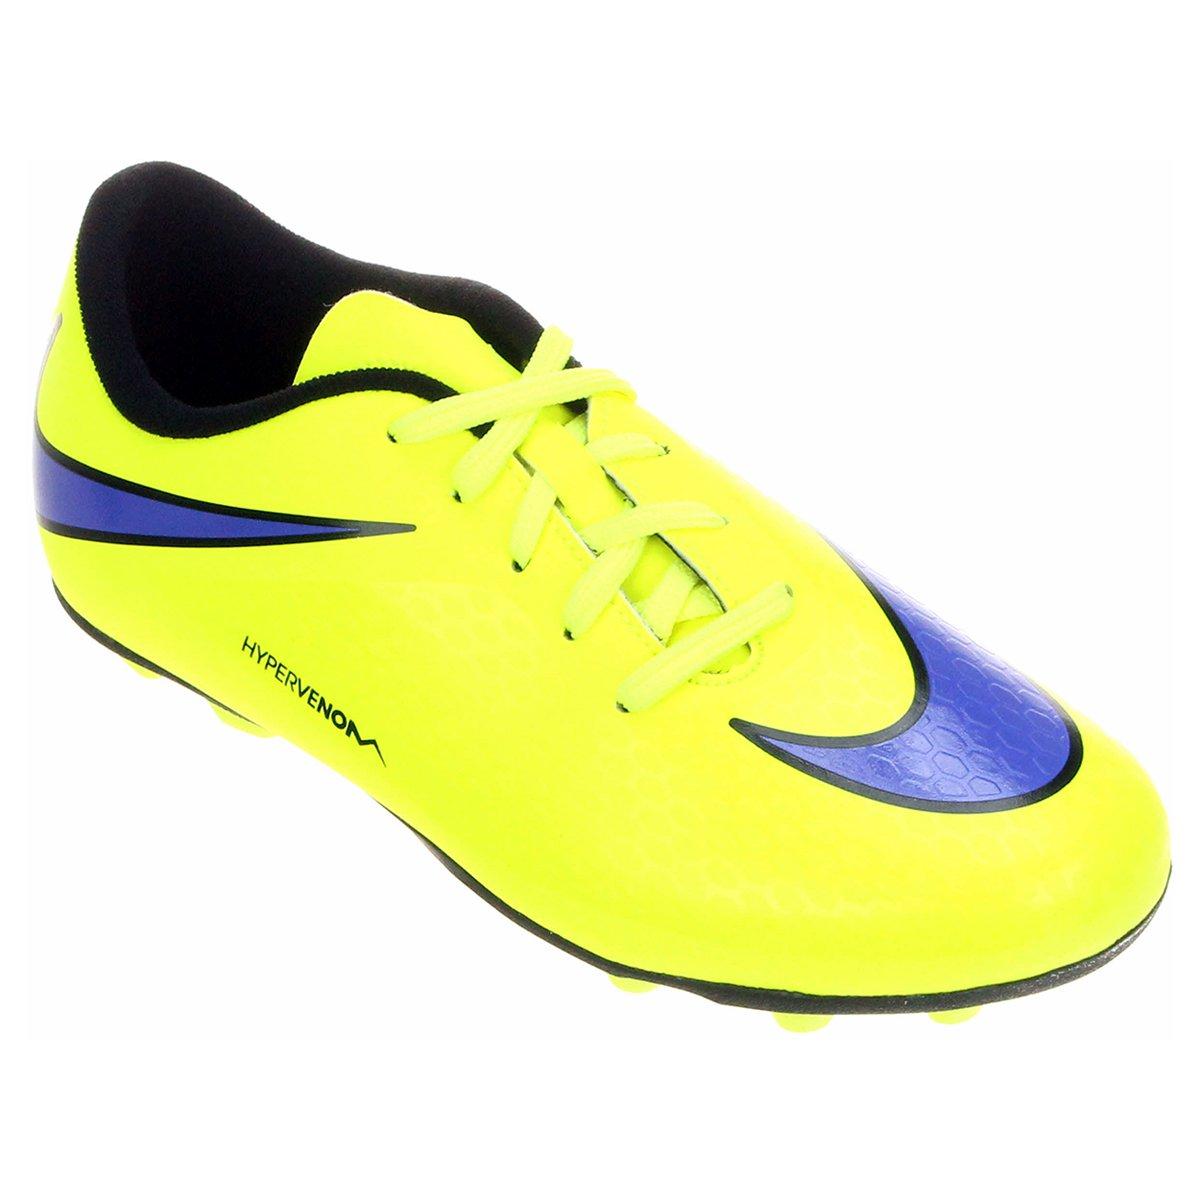 cf31db2b0e Chuteira Nike Hypervenom Phade FG-R Juvenil - Compre Agora